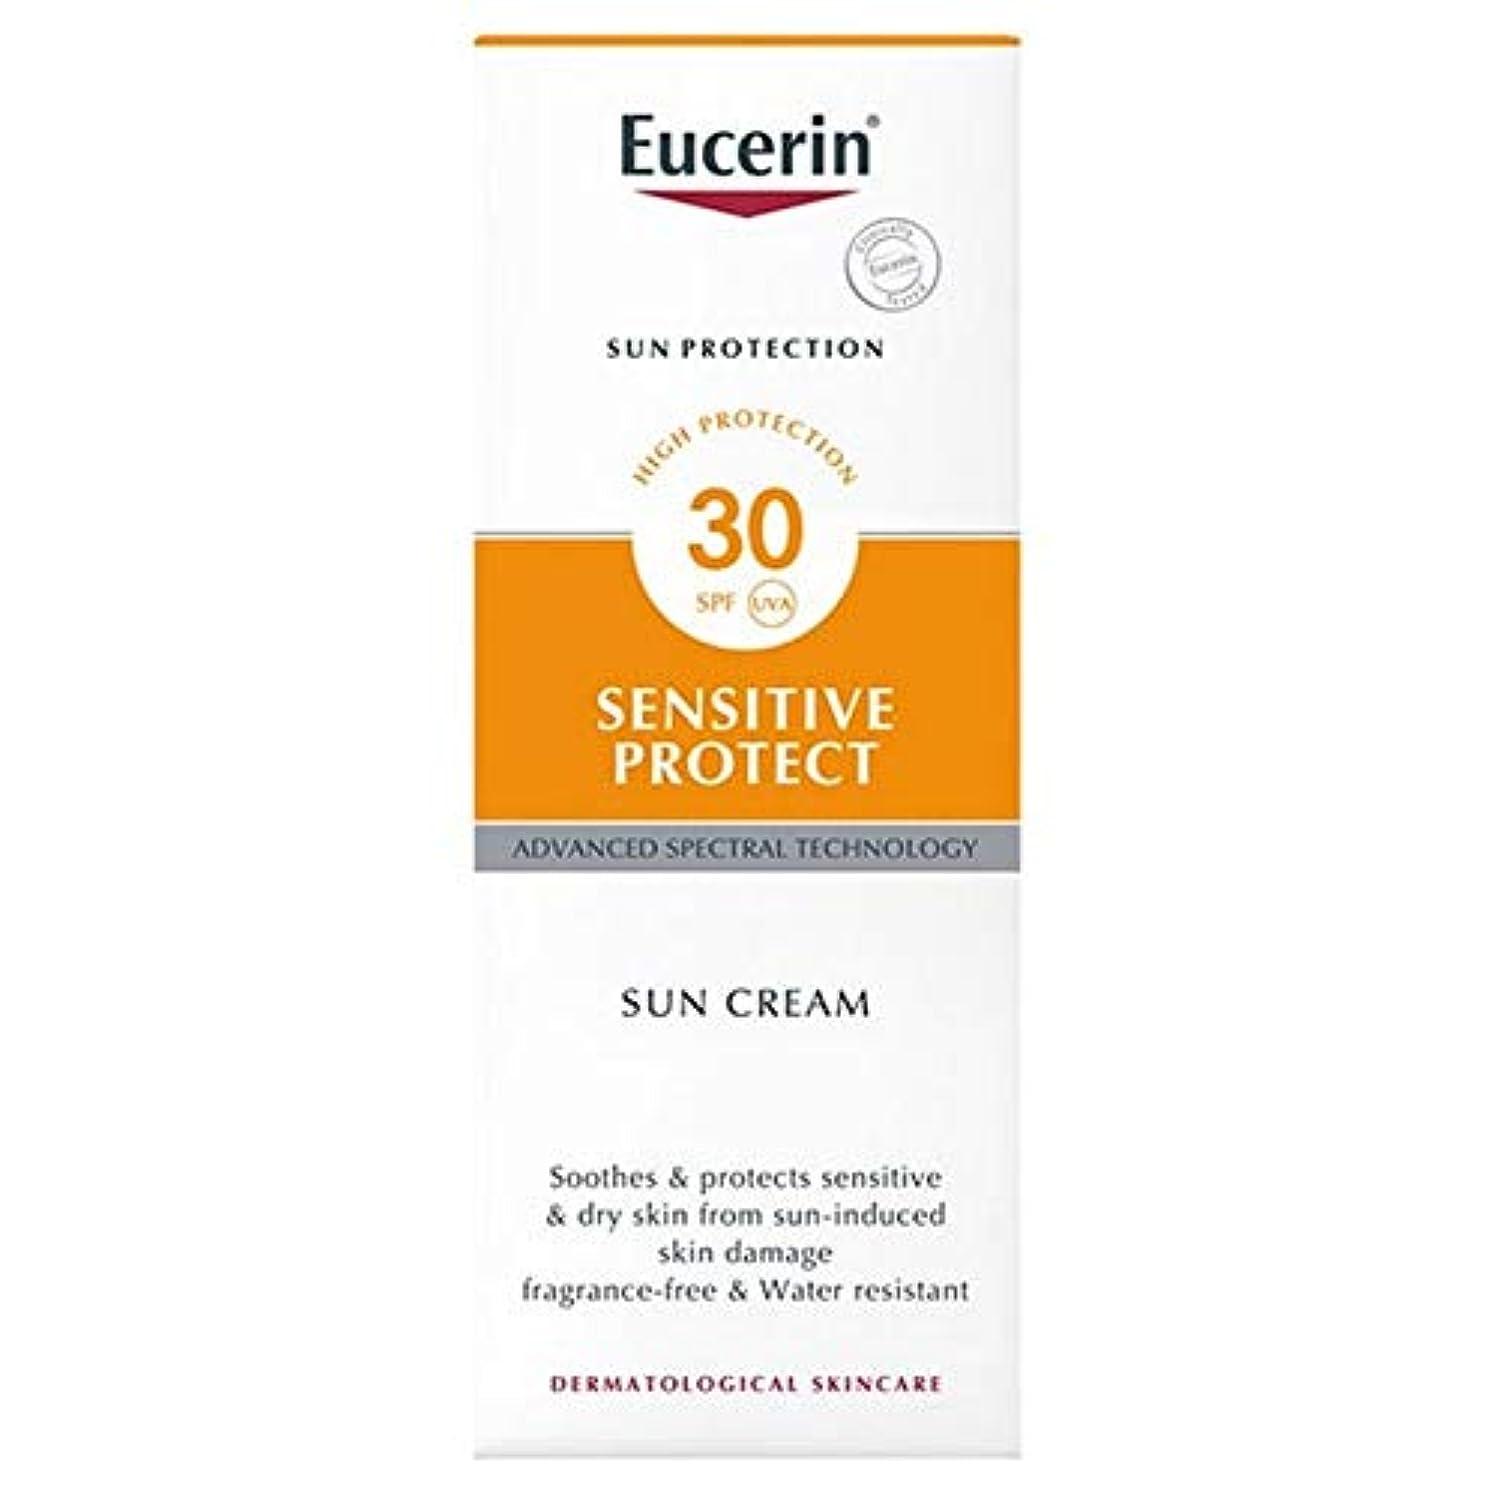 メナジェリー航空便ドリンク[Eucerin ] ユーセリン敏感プロテクト日クリームSpf30の50ミリリットル - Eucerin Sensitive Protect Sun Cream SPF30 50ml [並行輸入品]